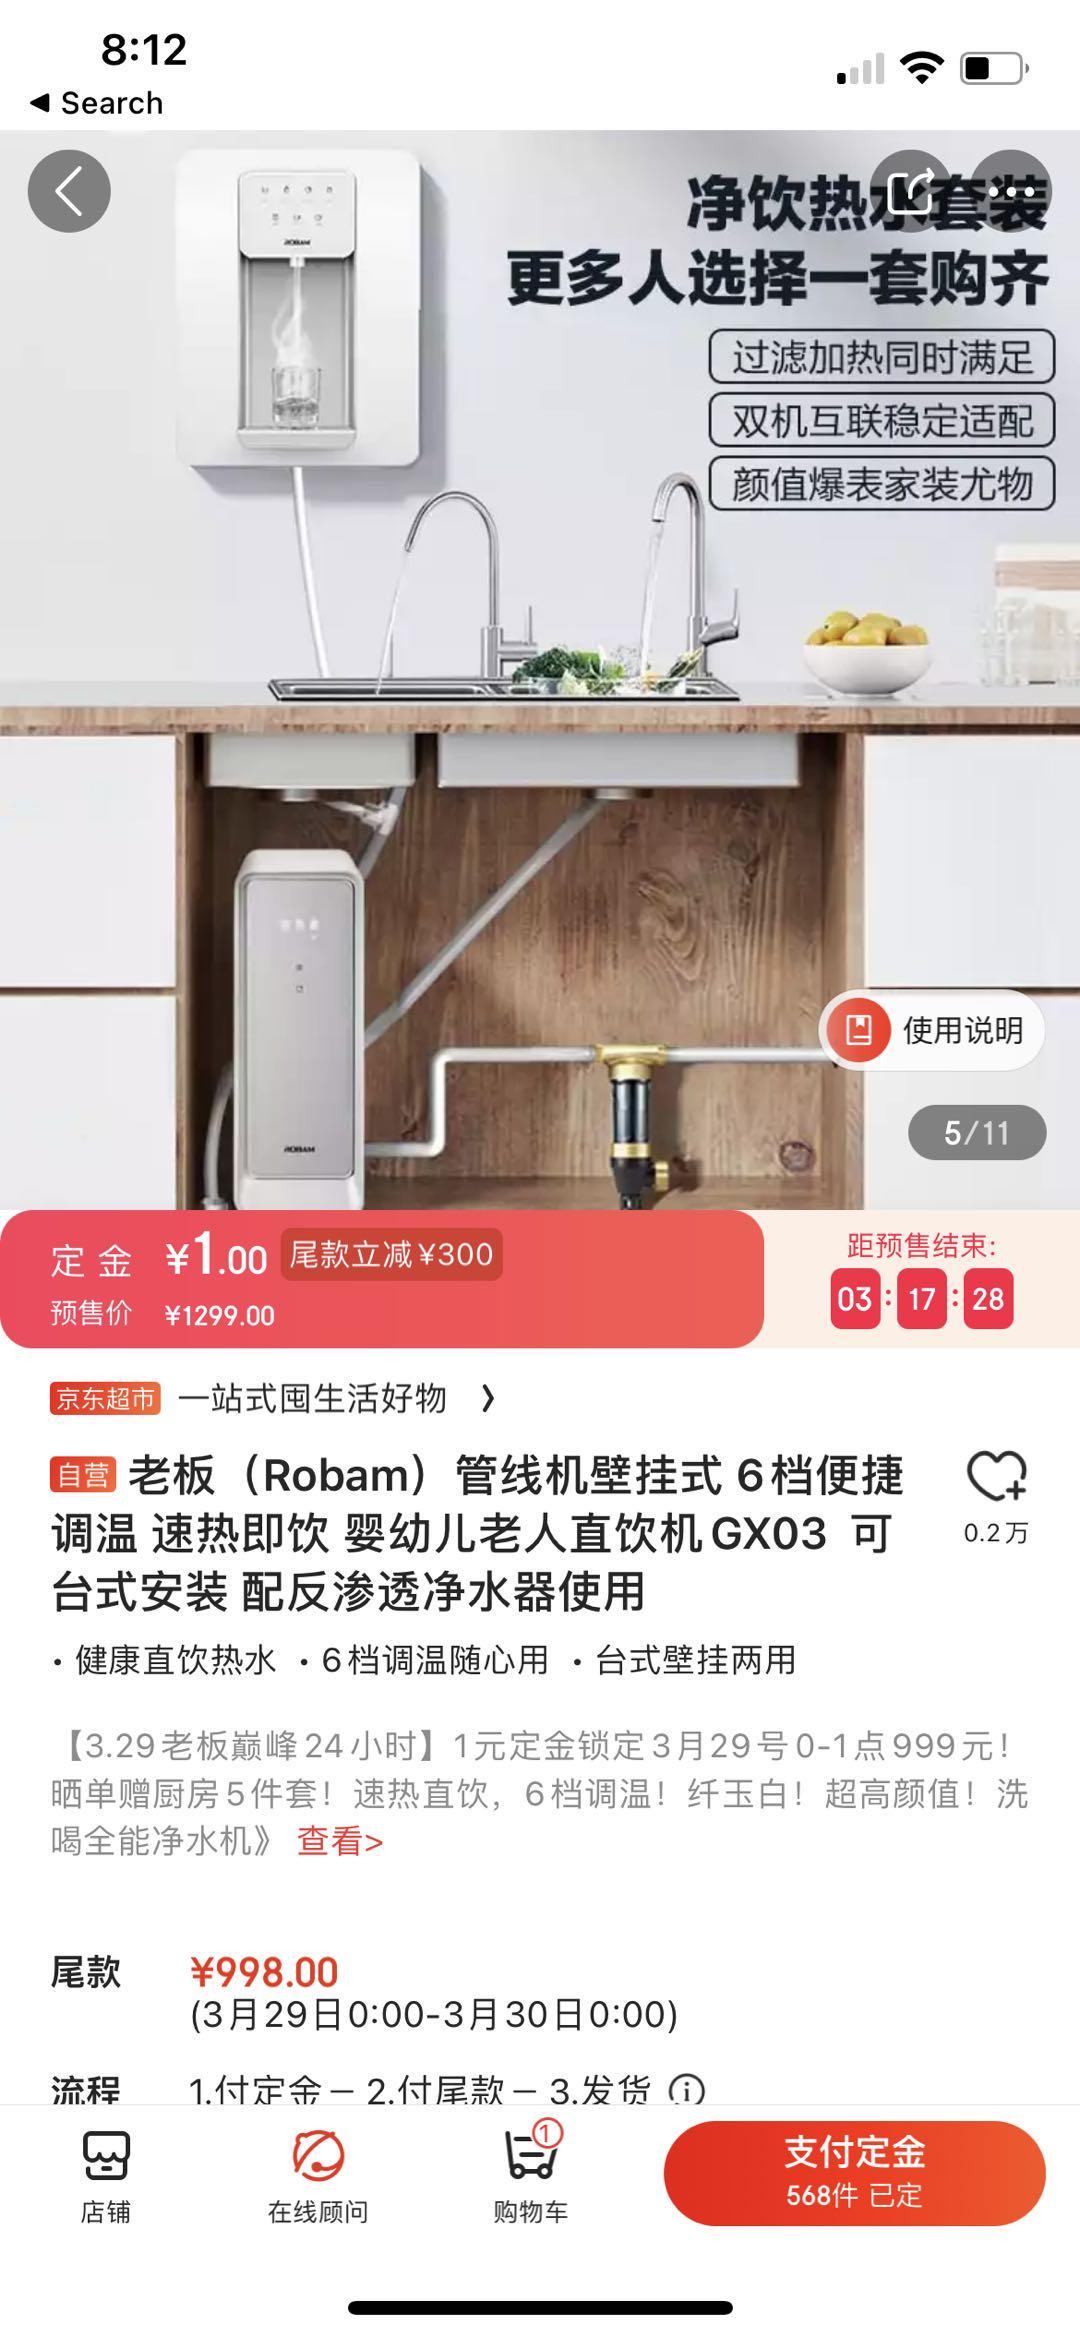 WeChat Image_20210412220803.jpg